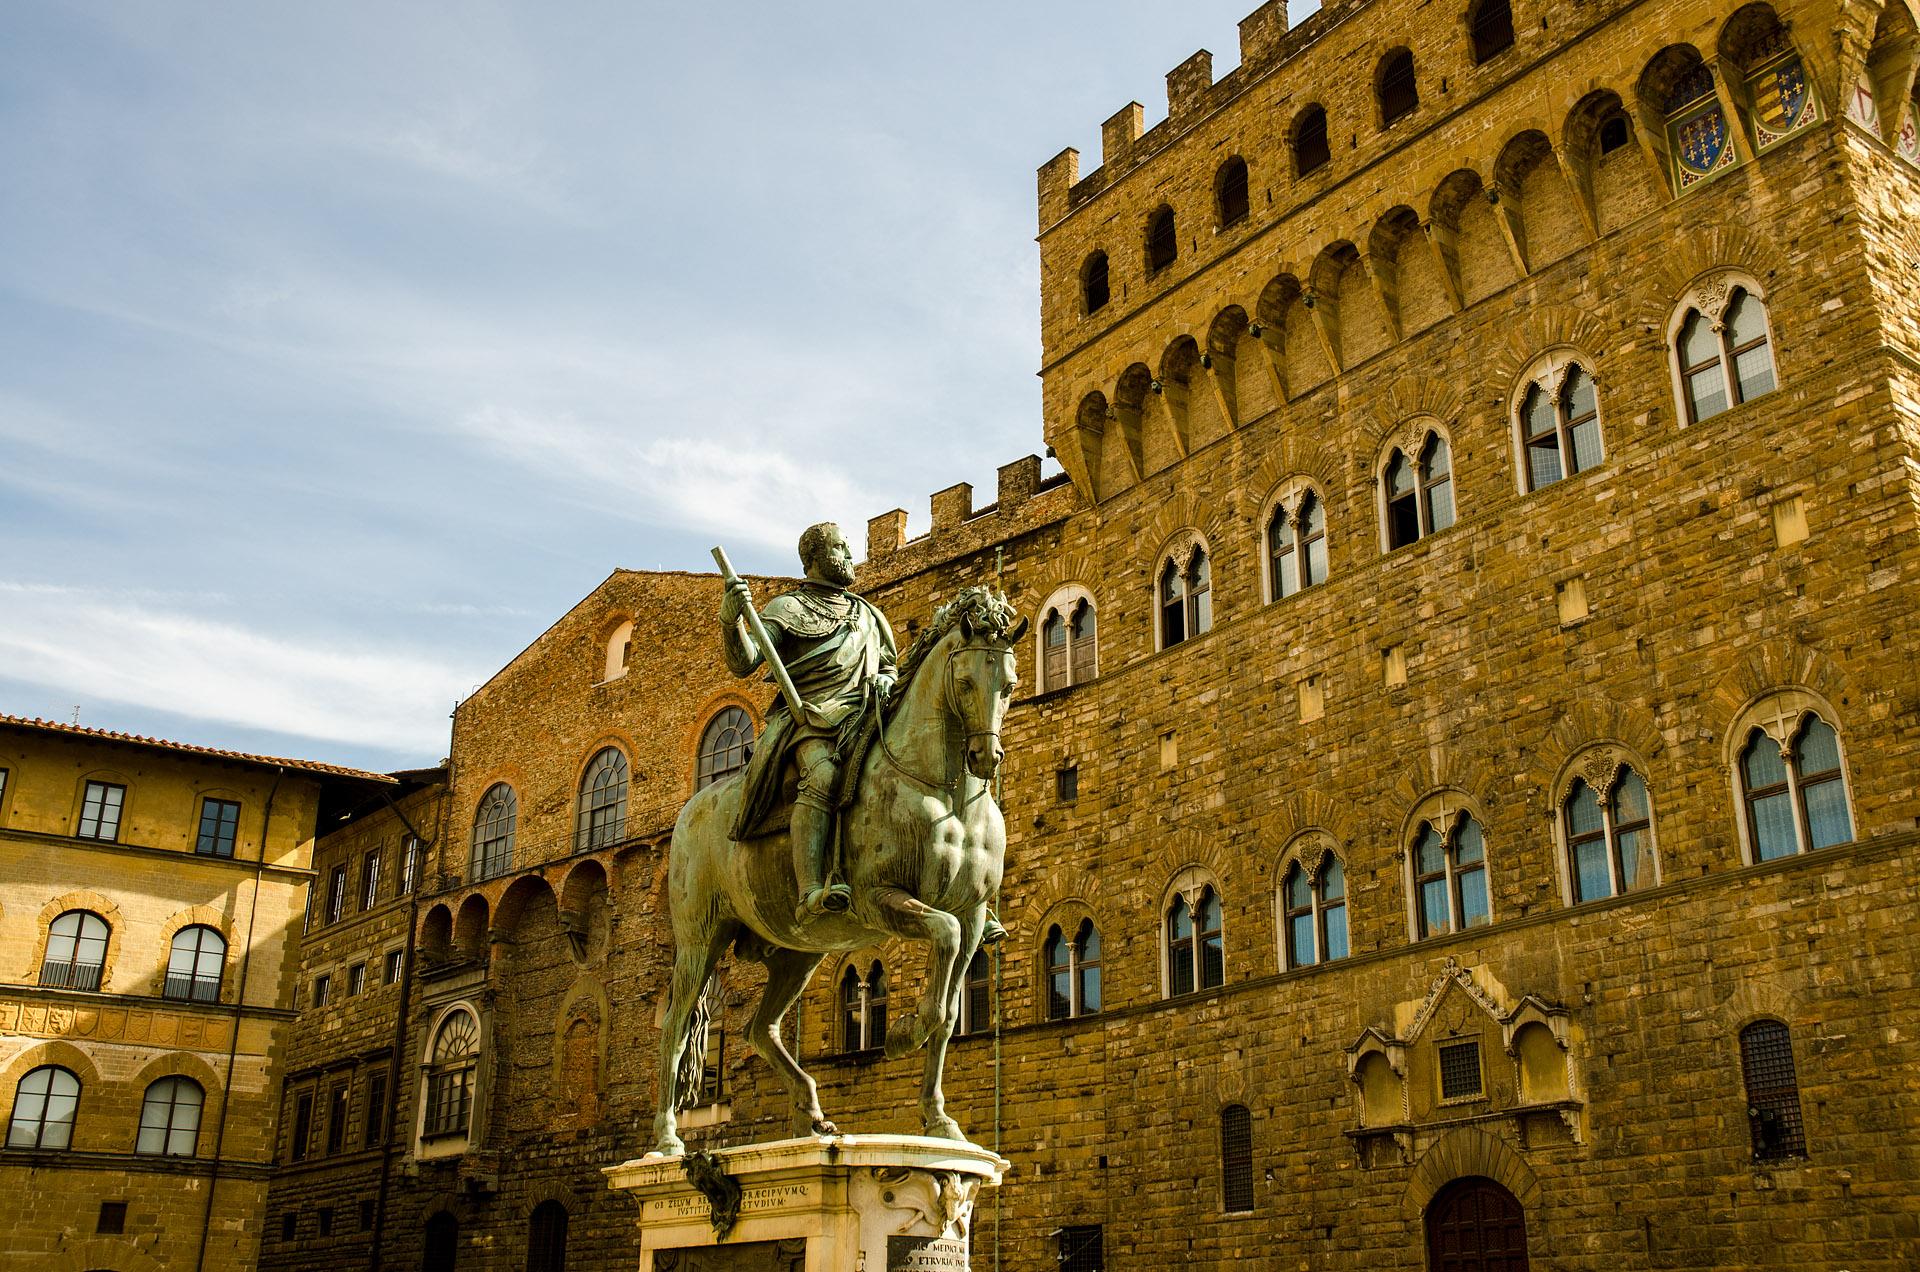 Equestrian Monument of Cosimo I